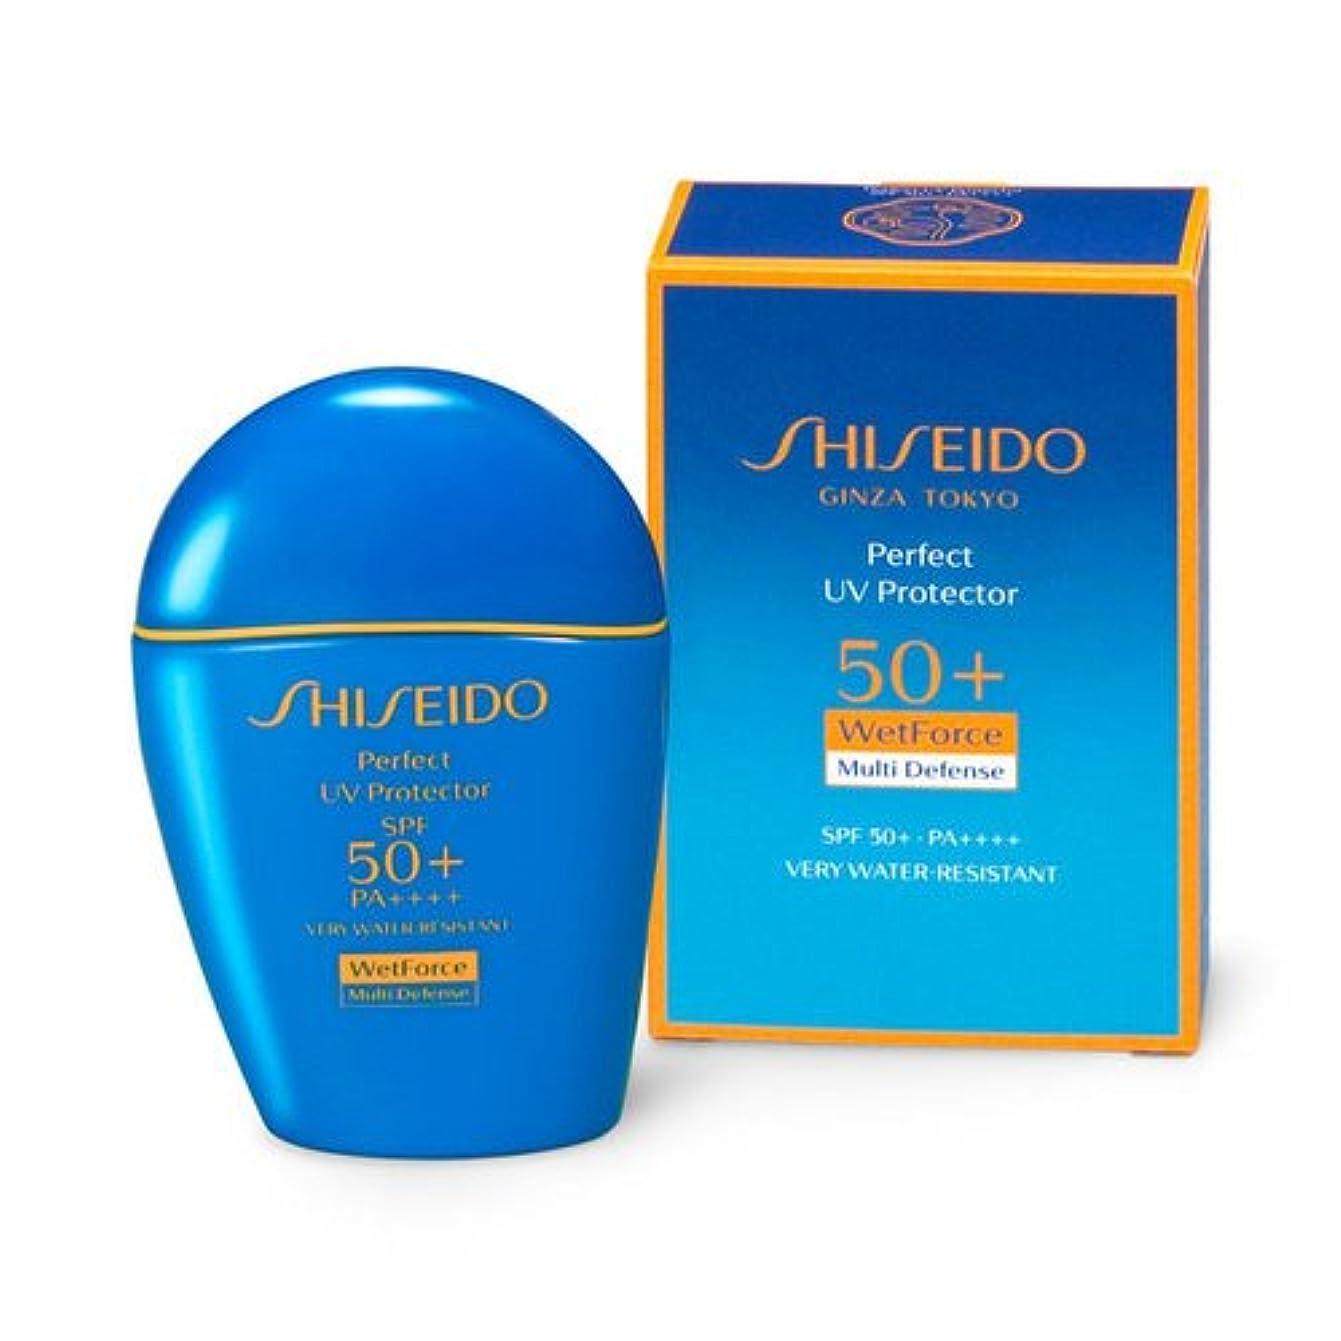 倫理的冷笑する子音SHISEIDO Suncare(資生堂 サンケア) SHISEIDO(資生堂) パーフェクト UVプロテクター 50mL